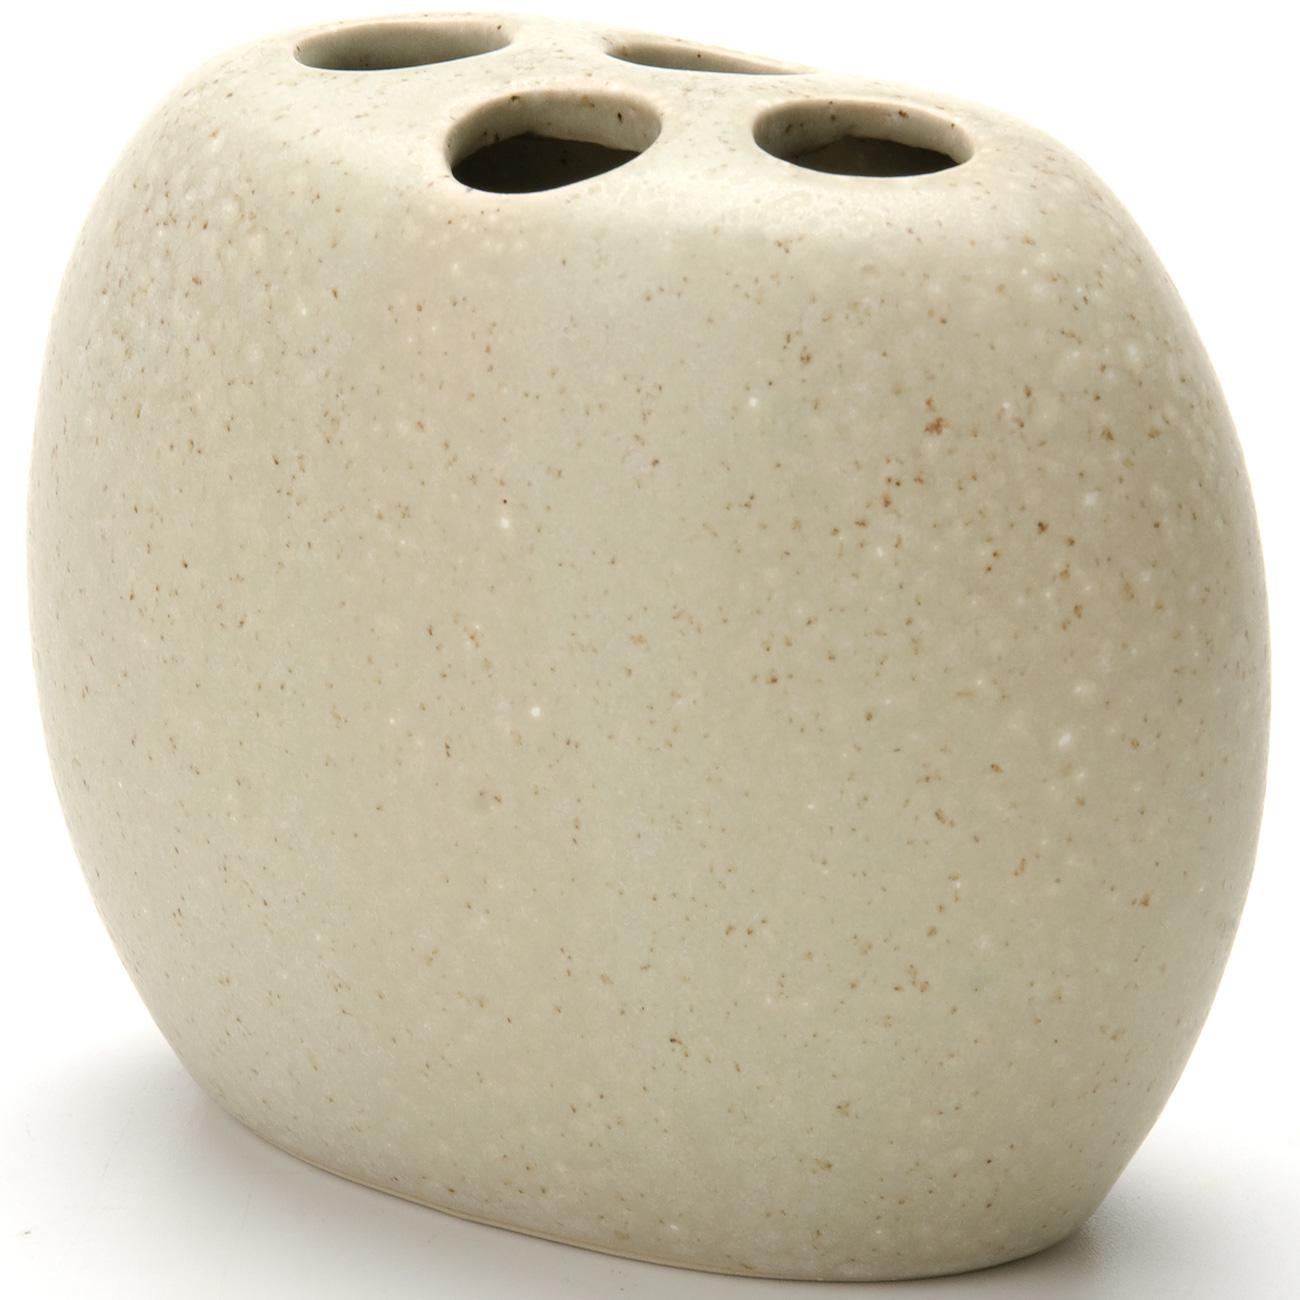 Стакан для ванной комнаты Aqva Line Дюна. 13052191305219Подставка для зубных щеток Дюна выполнена из прочного фарфора высокого качества. Подставка песочного цвета с оригинальной текстурой песка. Подставка рассчитана на 4 зубные щетки. За изделием очень легко ухаживать, для этого достаточно просто периодически промывать его водой. Подставка может служить как самостоятельным предметом в вашей ванной комнате, так и дополнительным аксессуаром к набору для ванной Дюна.